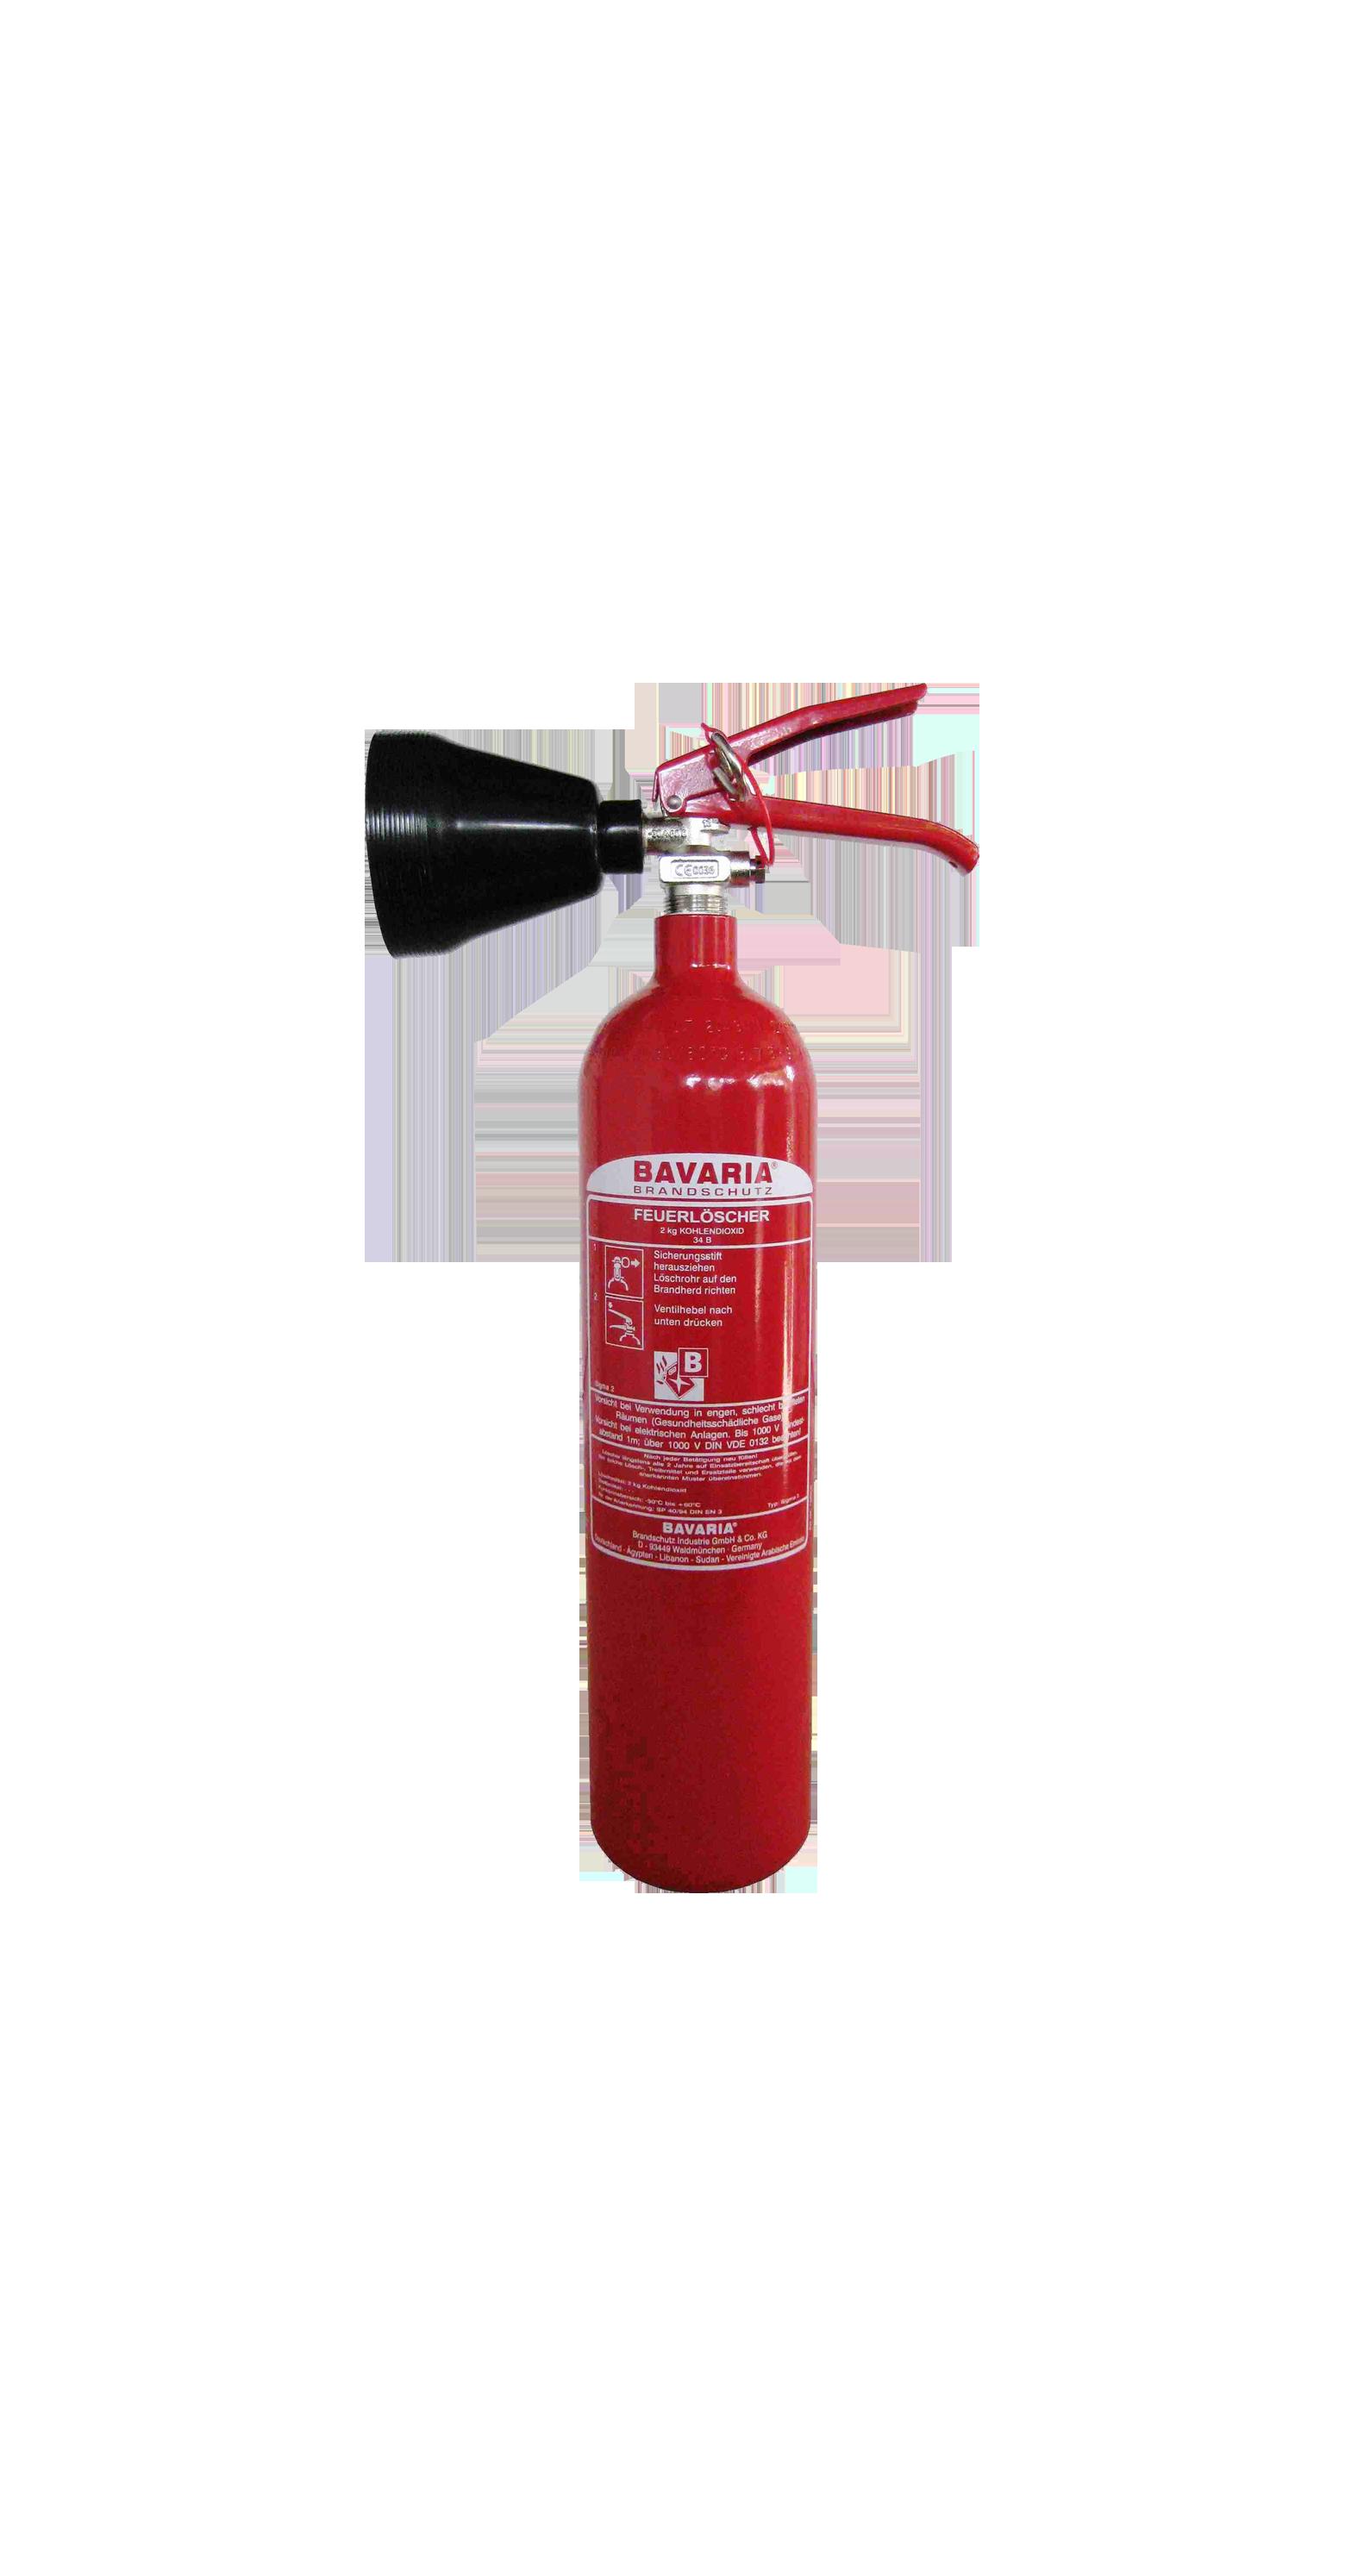 BAVARIA SIGMA 2 eignet sich ideal zur Brandbekämpfung bei EDV-Anlagen und zum Einsatz im medizinisch-technischen Bereich. – BAVARIA 2kg CO2-Feuerlöscher, 2LE.